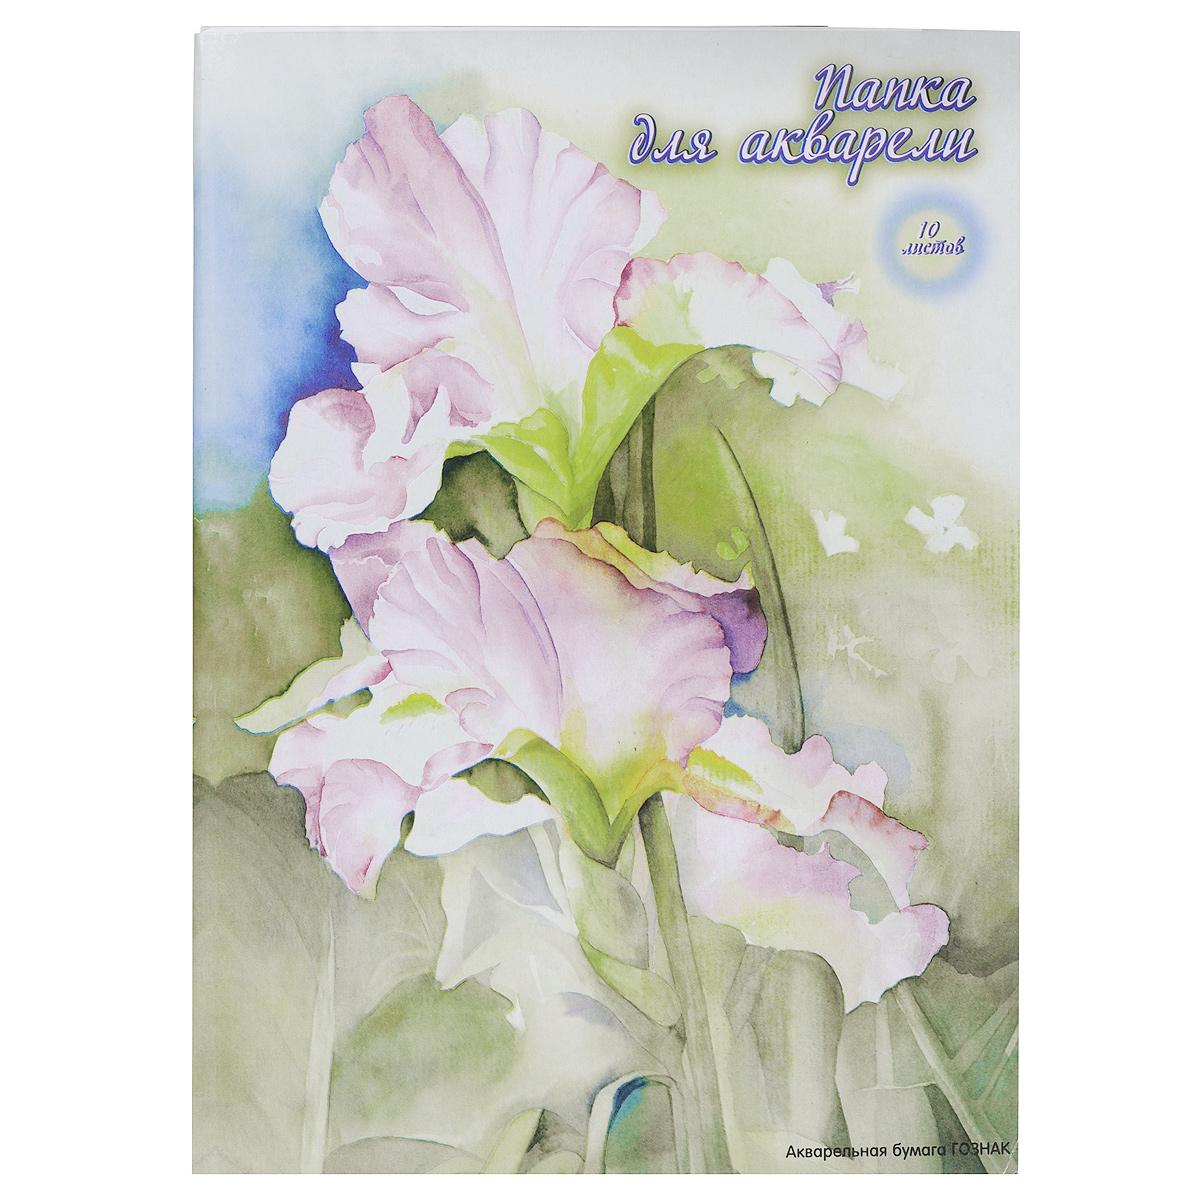 """Бумага для акварели ACTION! """"Цветок"""", 10 листов, формат А3, цвет папки: серый"""